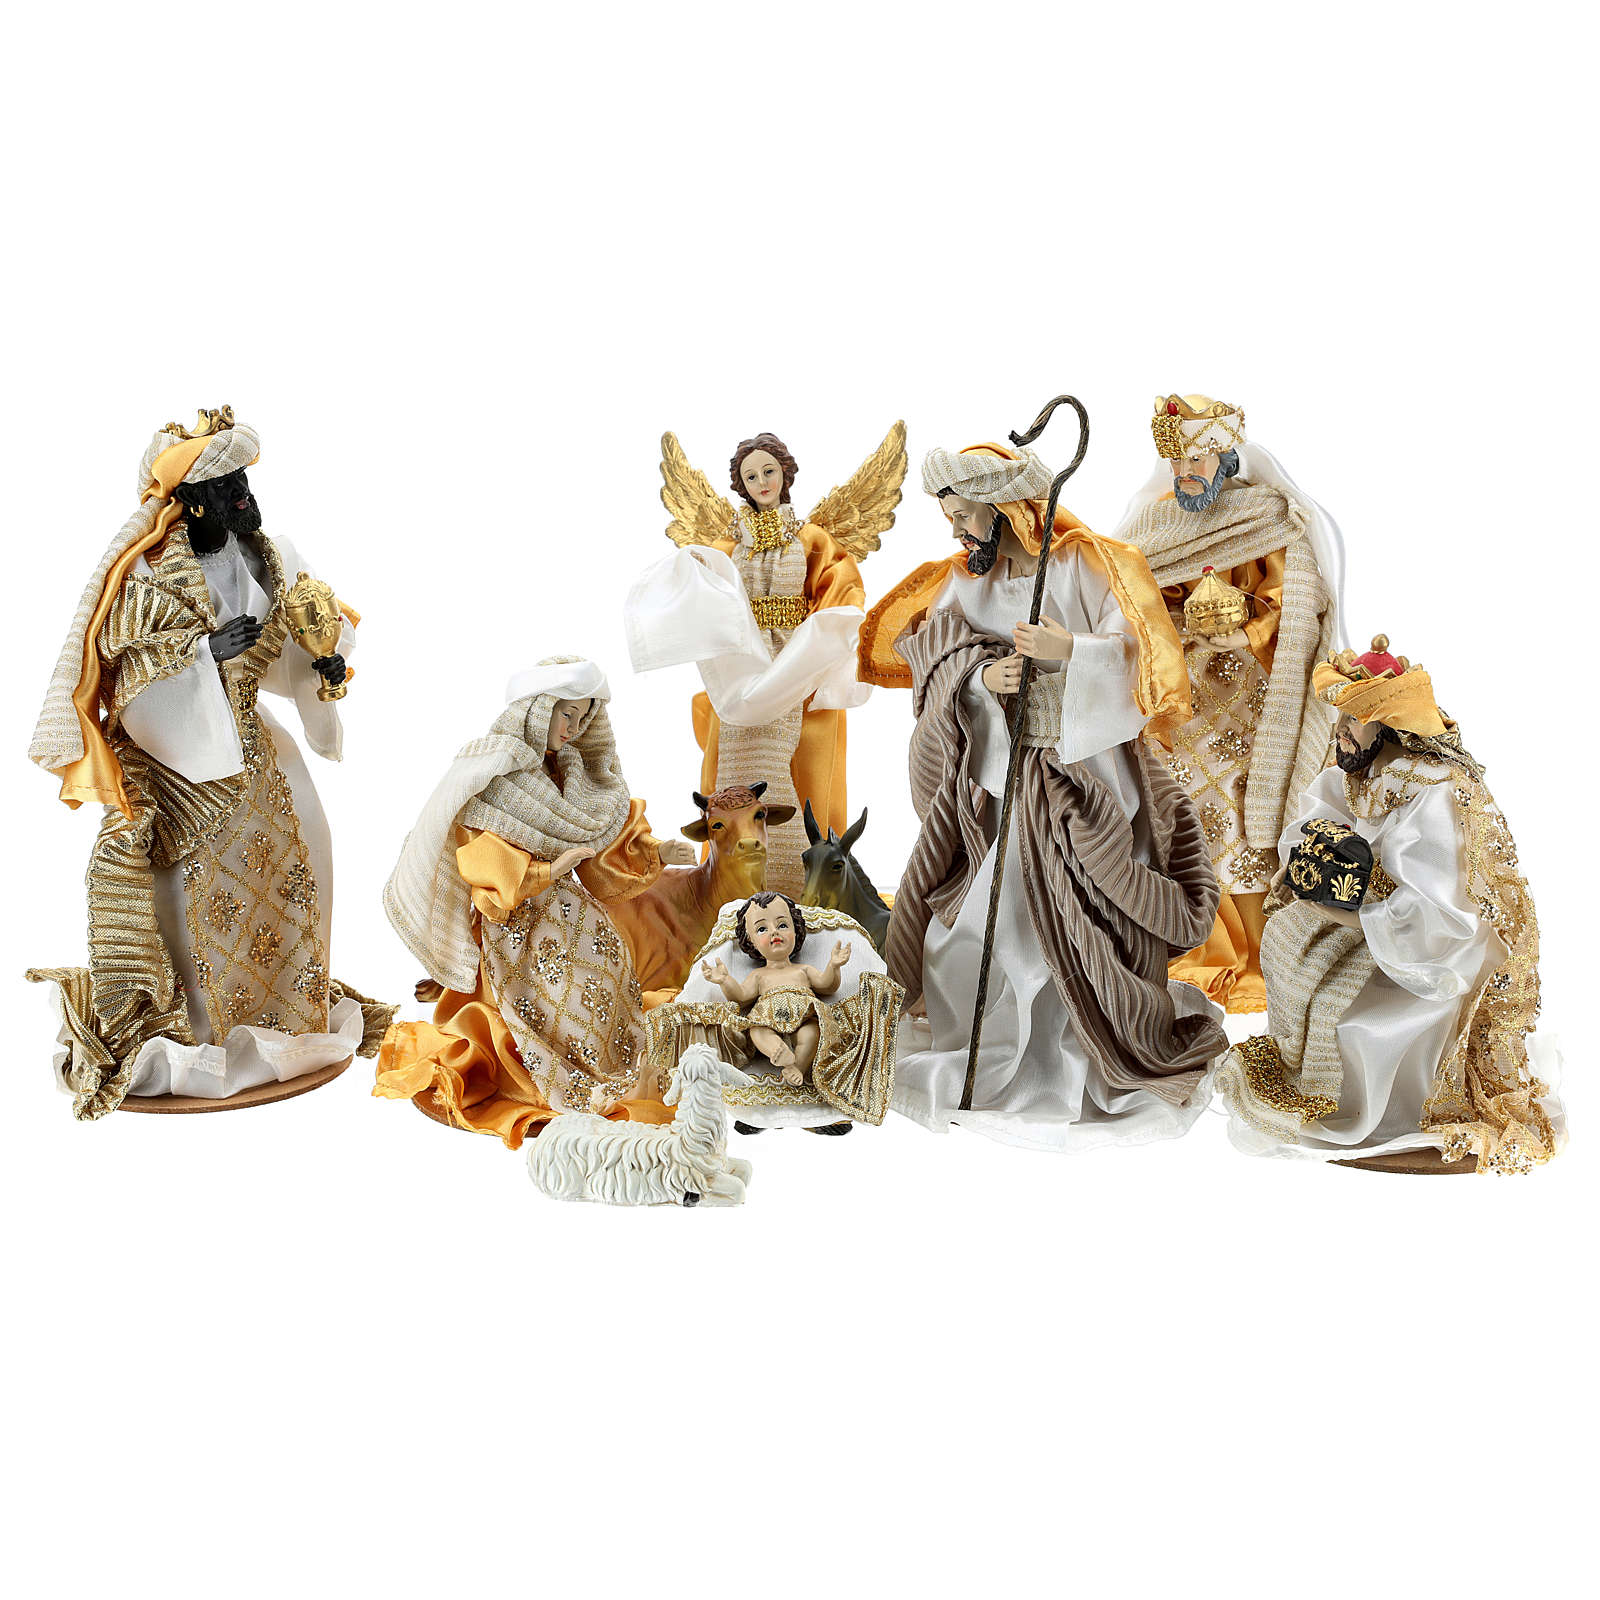 Presepe completo resina dipinta 10 personaggi dorati 26 cm 4